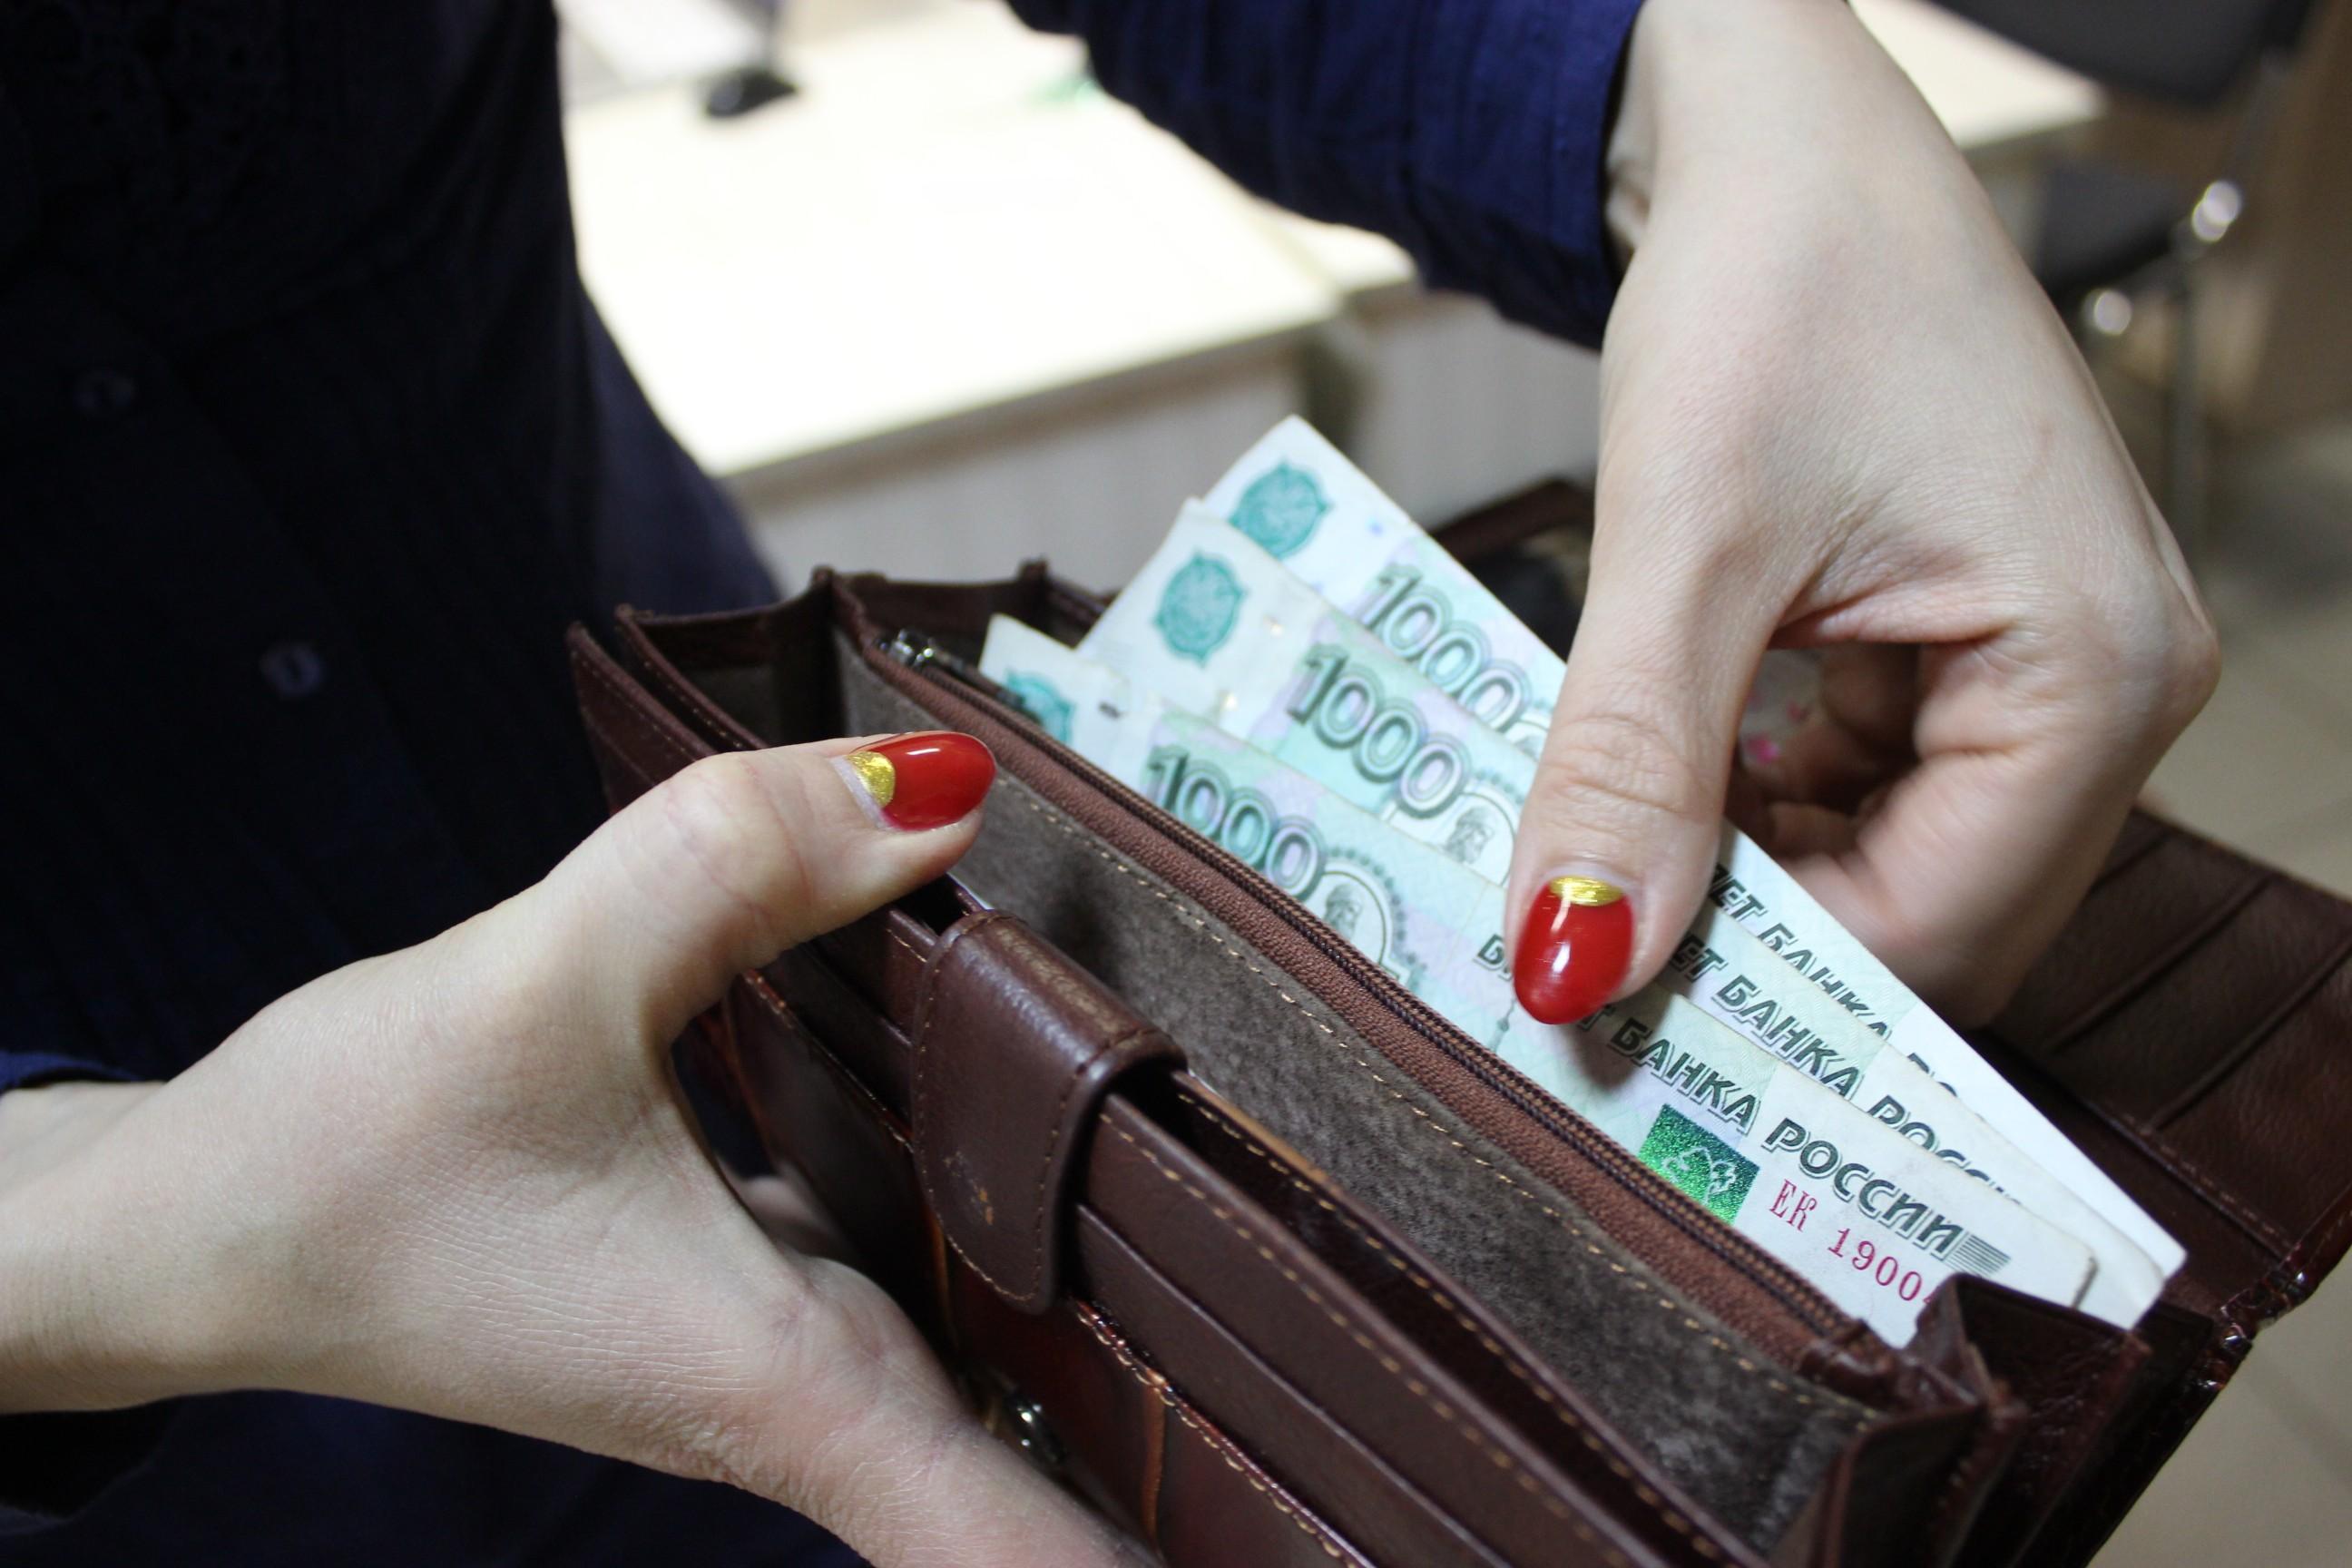 Вмеждународной Организации Объединенных Наций (ООН) предрекли значимый рост зарплат граждан России в этом году